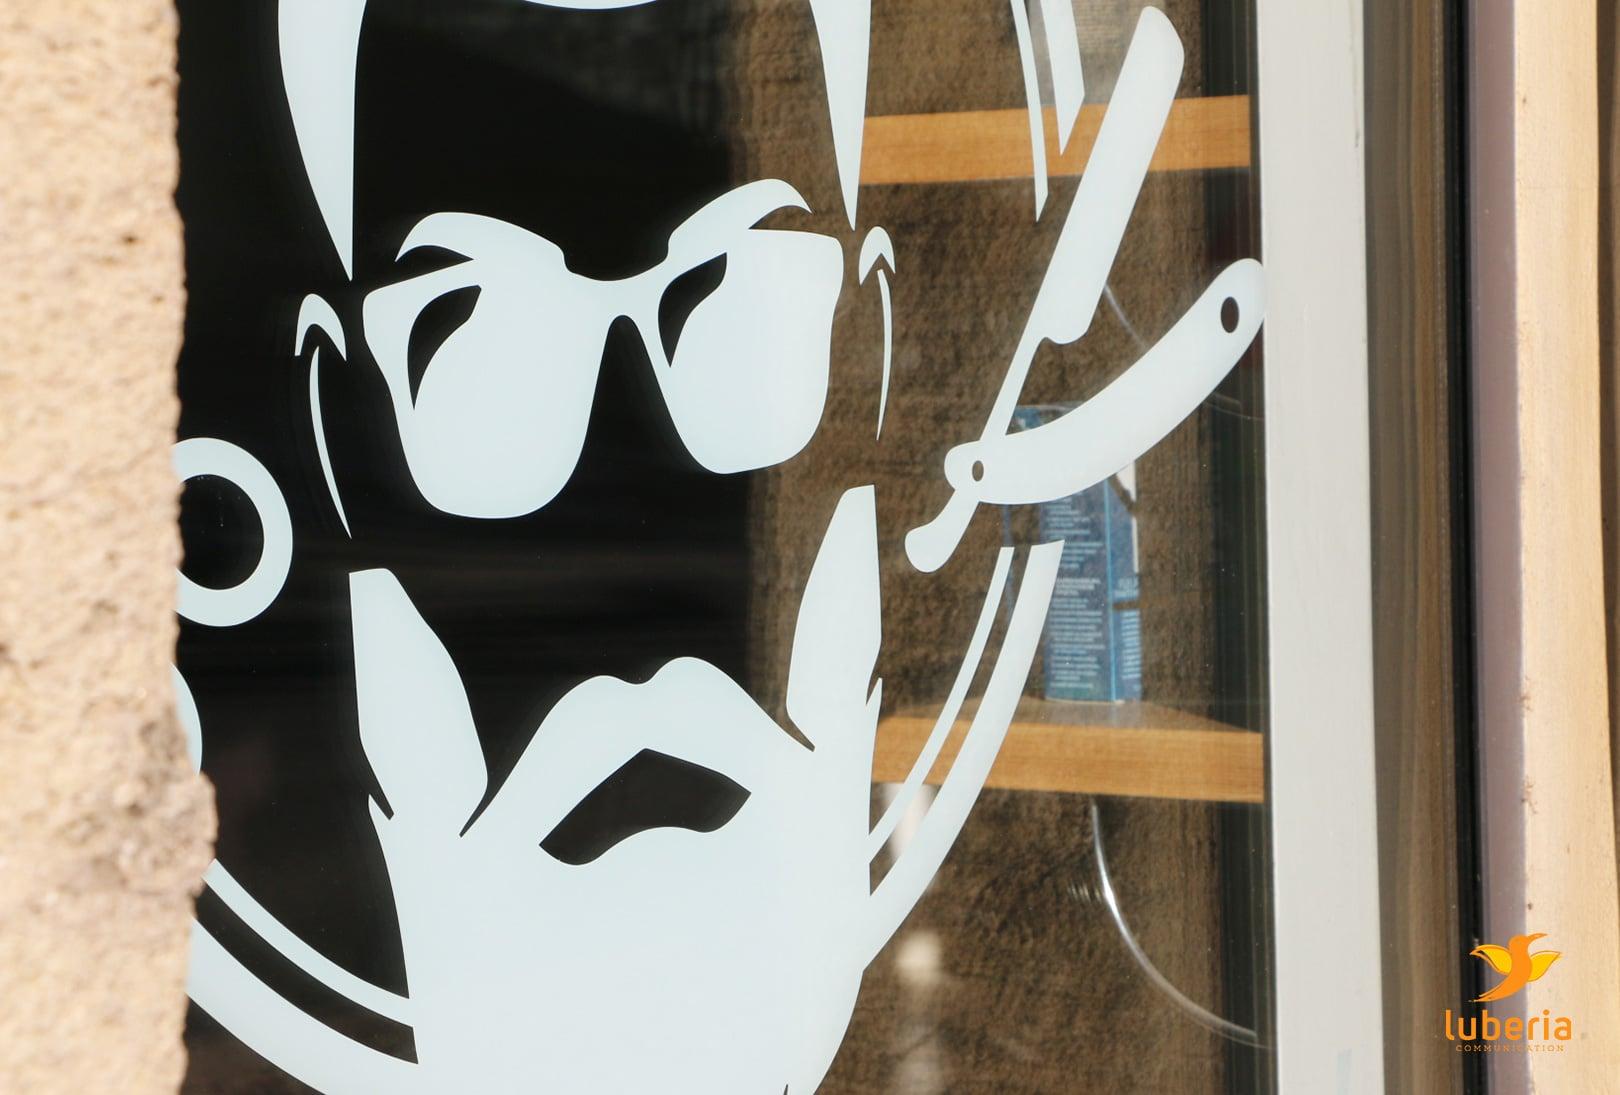 Création sticker adhesif pour vitrine et enseigne